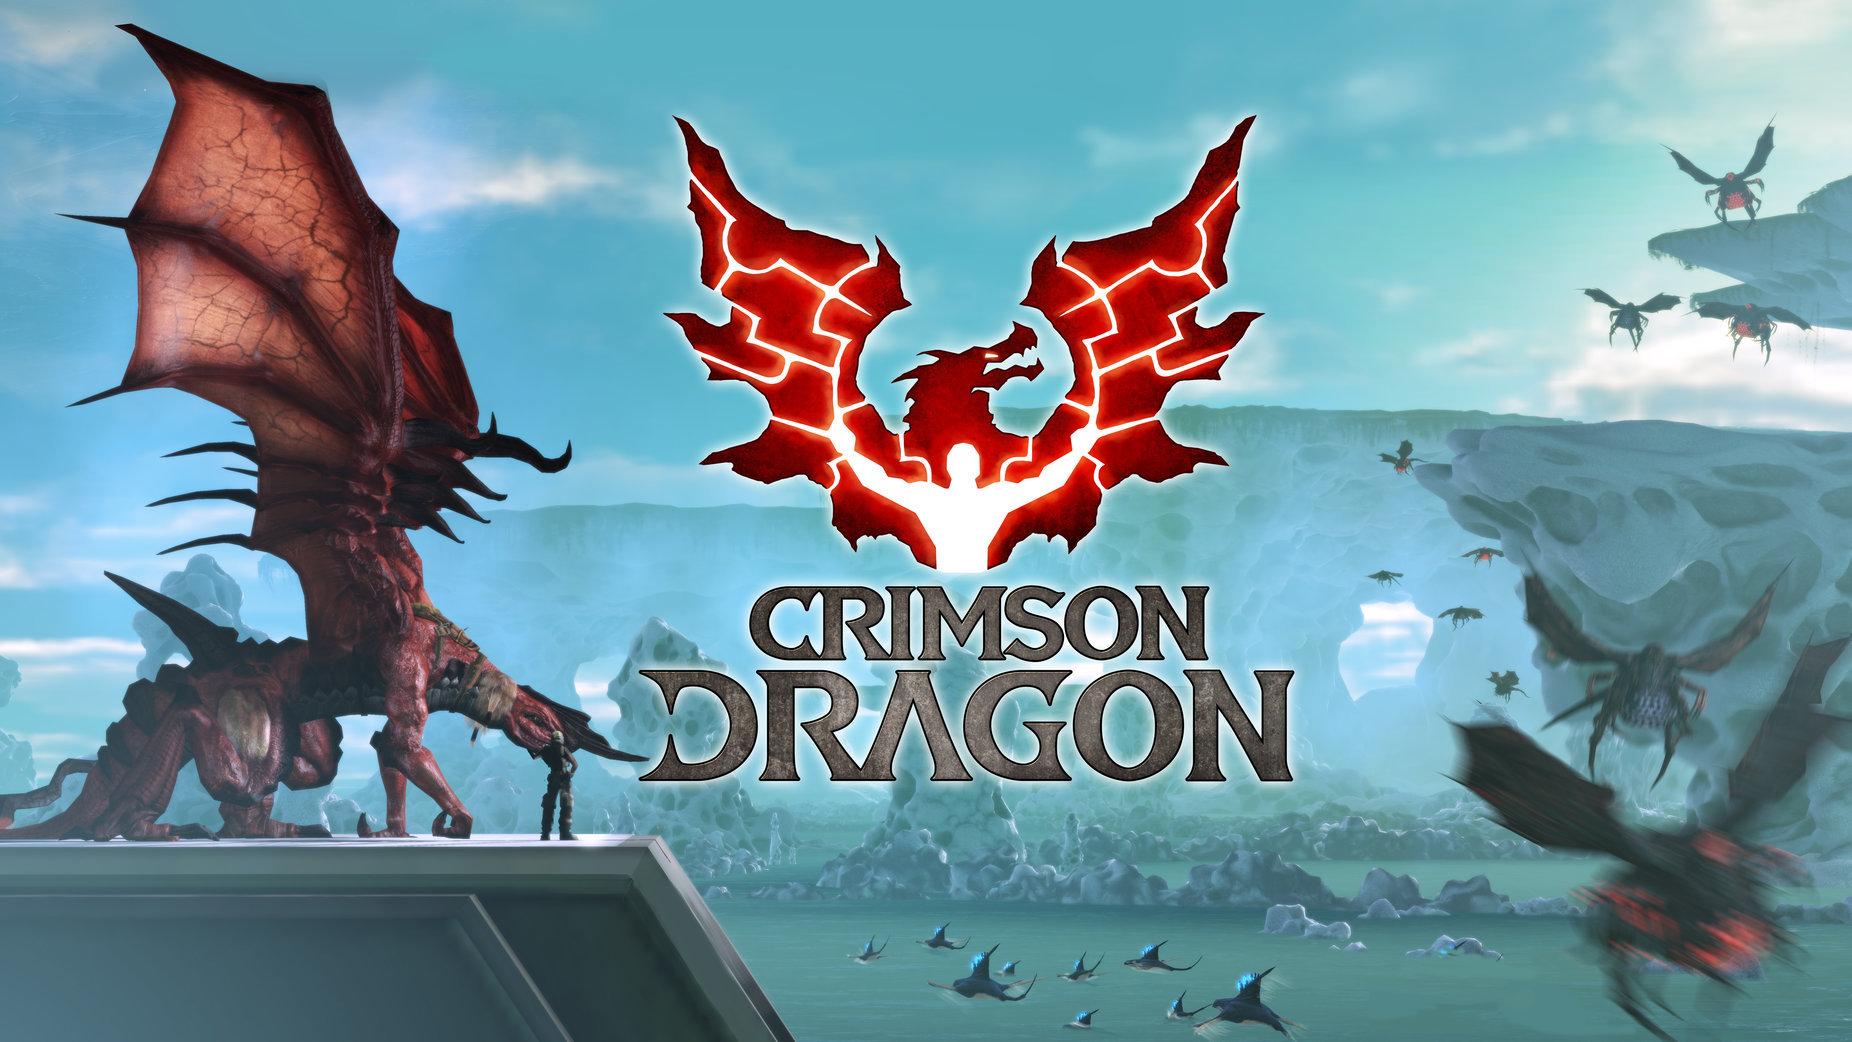 Dragon knight торрент, скачать бесплатно игру.